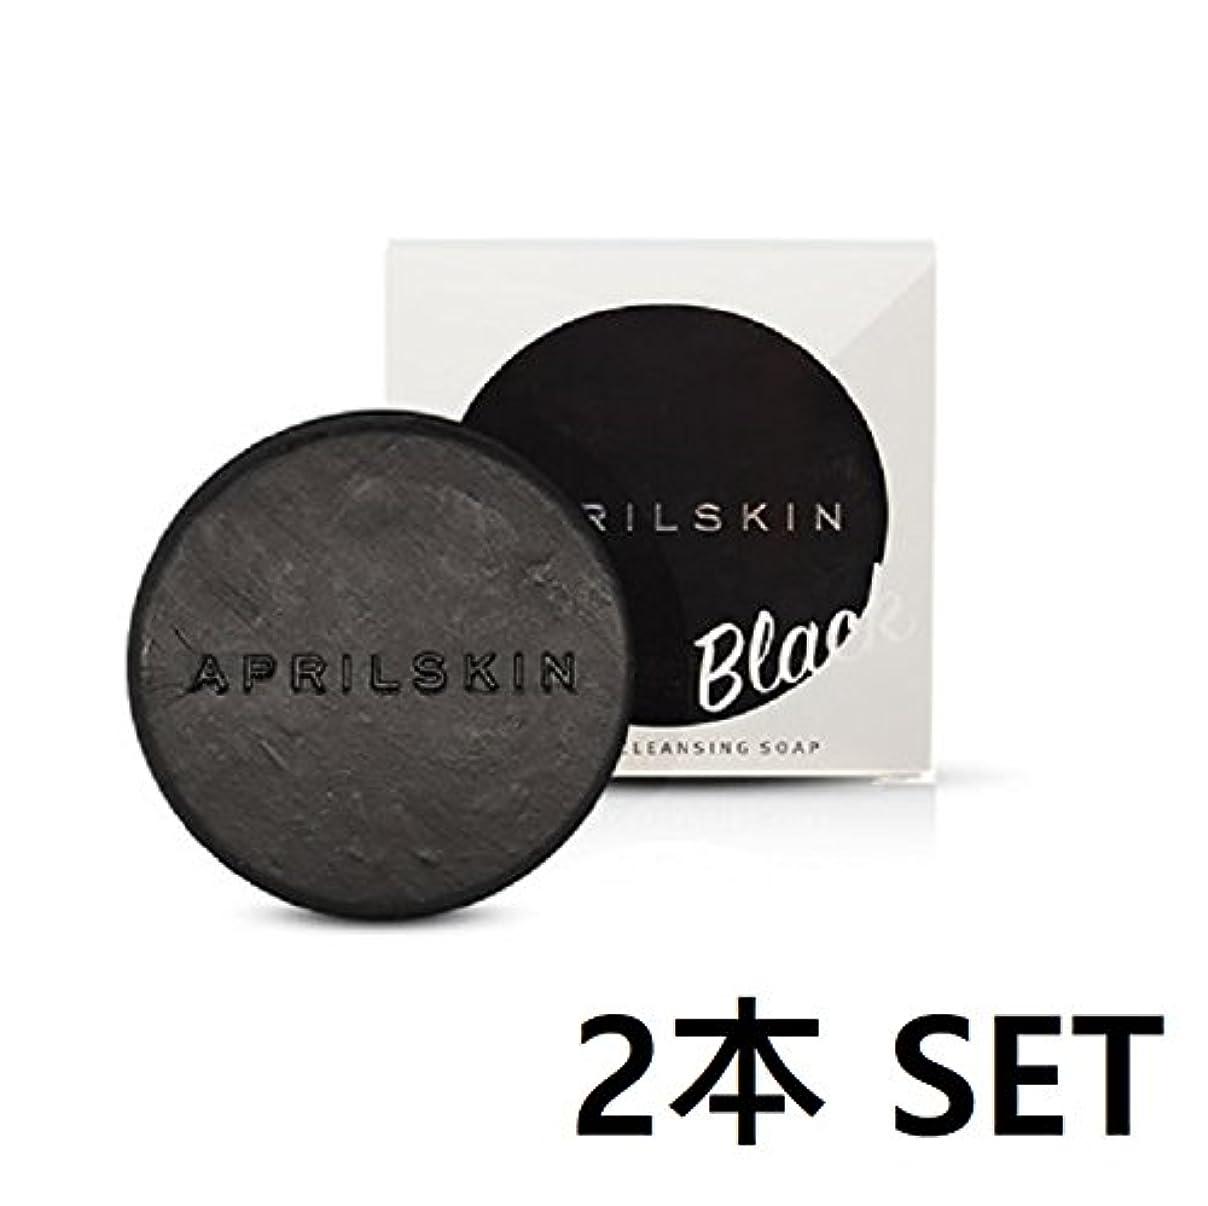 ローストショッピングセンタースティック[APRILSKIN] エイプリルスキン国民石鹸 BLACK X 2pcs SET(APRIL SKIN magic stone マジックストーンのリニューアルバージョン新発売) (BLACK) [並行輸入品]